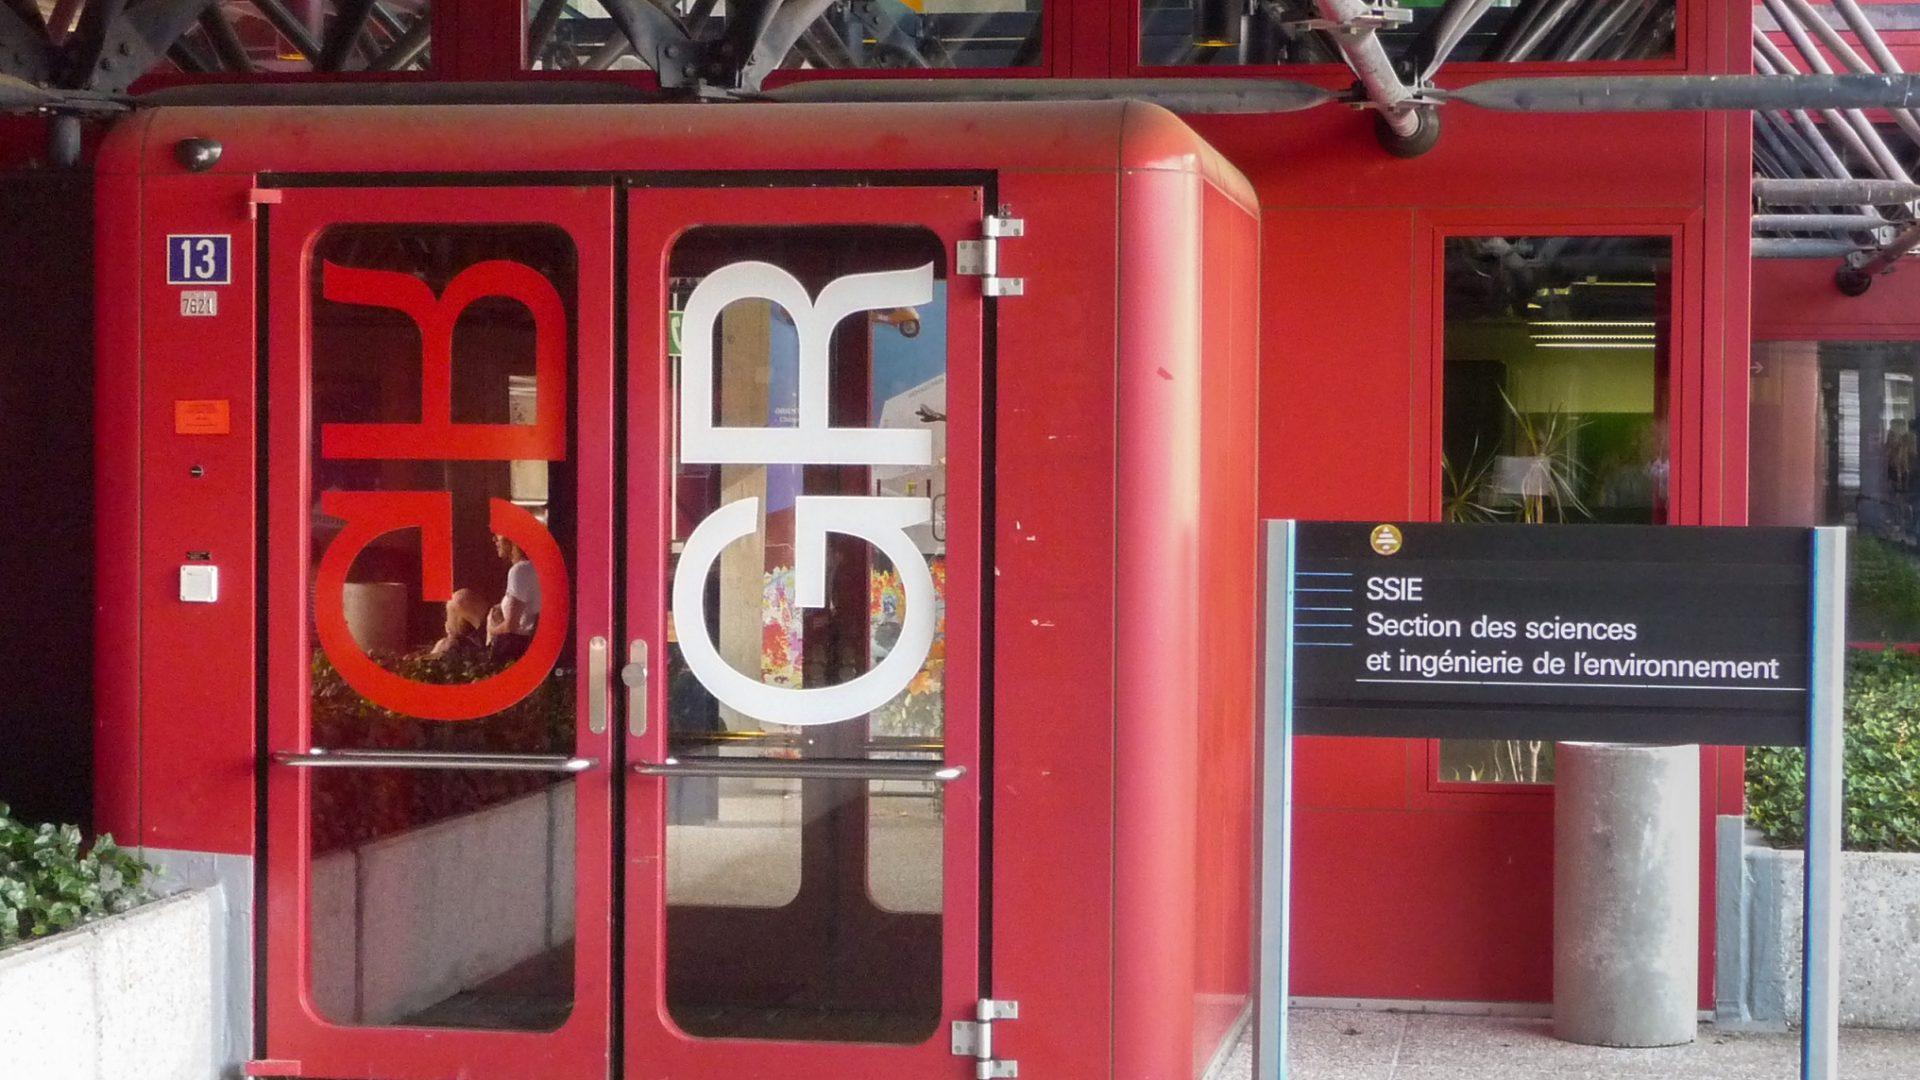 Entrée du bâtiment GR avec textes de signalisation sur les portes et sur un panneau indépendant.